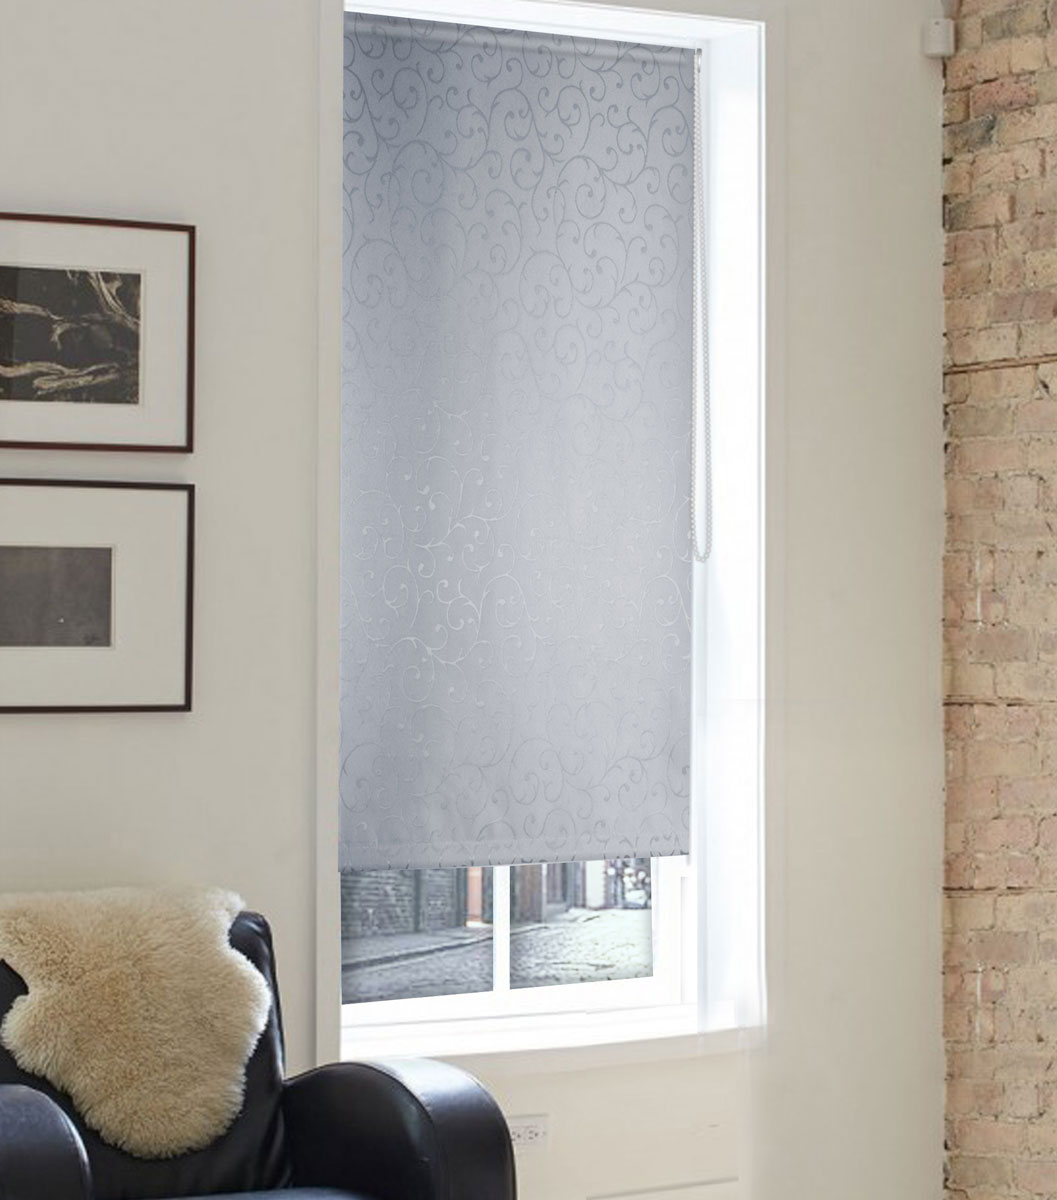 Штора рулонная Эскар Миниролло. Агат, цвет: серый, ширина 37 см, высота 160 см37022037160Рулонная штора Эскар Миниролло. Агат выполнена из высокопрочной ткани,которая сохраняет свой размер даже при намокании. Ткань не выцветает иобладает отличной цветоустойчивостью.Миниролло - это подвид рулонных штор, который закрывает не весь оконныйпроем, а непосредственно само стекло. Такие шторы крепятся на раму безсверления при помощи зажимов или клейкой двухсторонней ленты. Окно остаетсяна гарантии, благодаря монтажу без сверления.Такая штора станет прекрасным элементом декора окна и гармонично впишется винтерьер любого помещения.